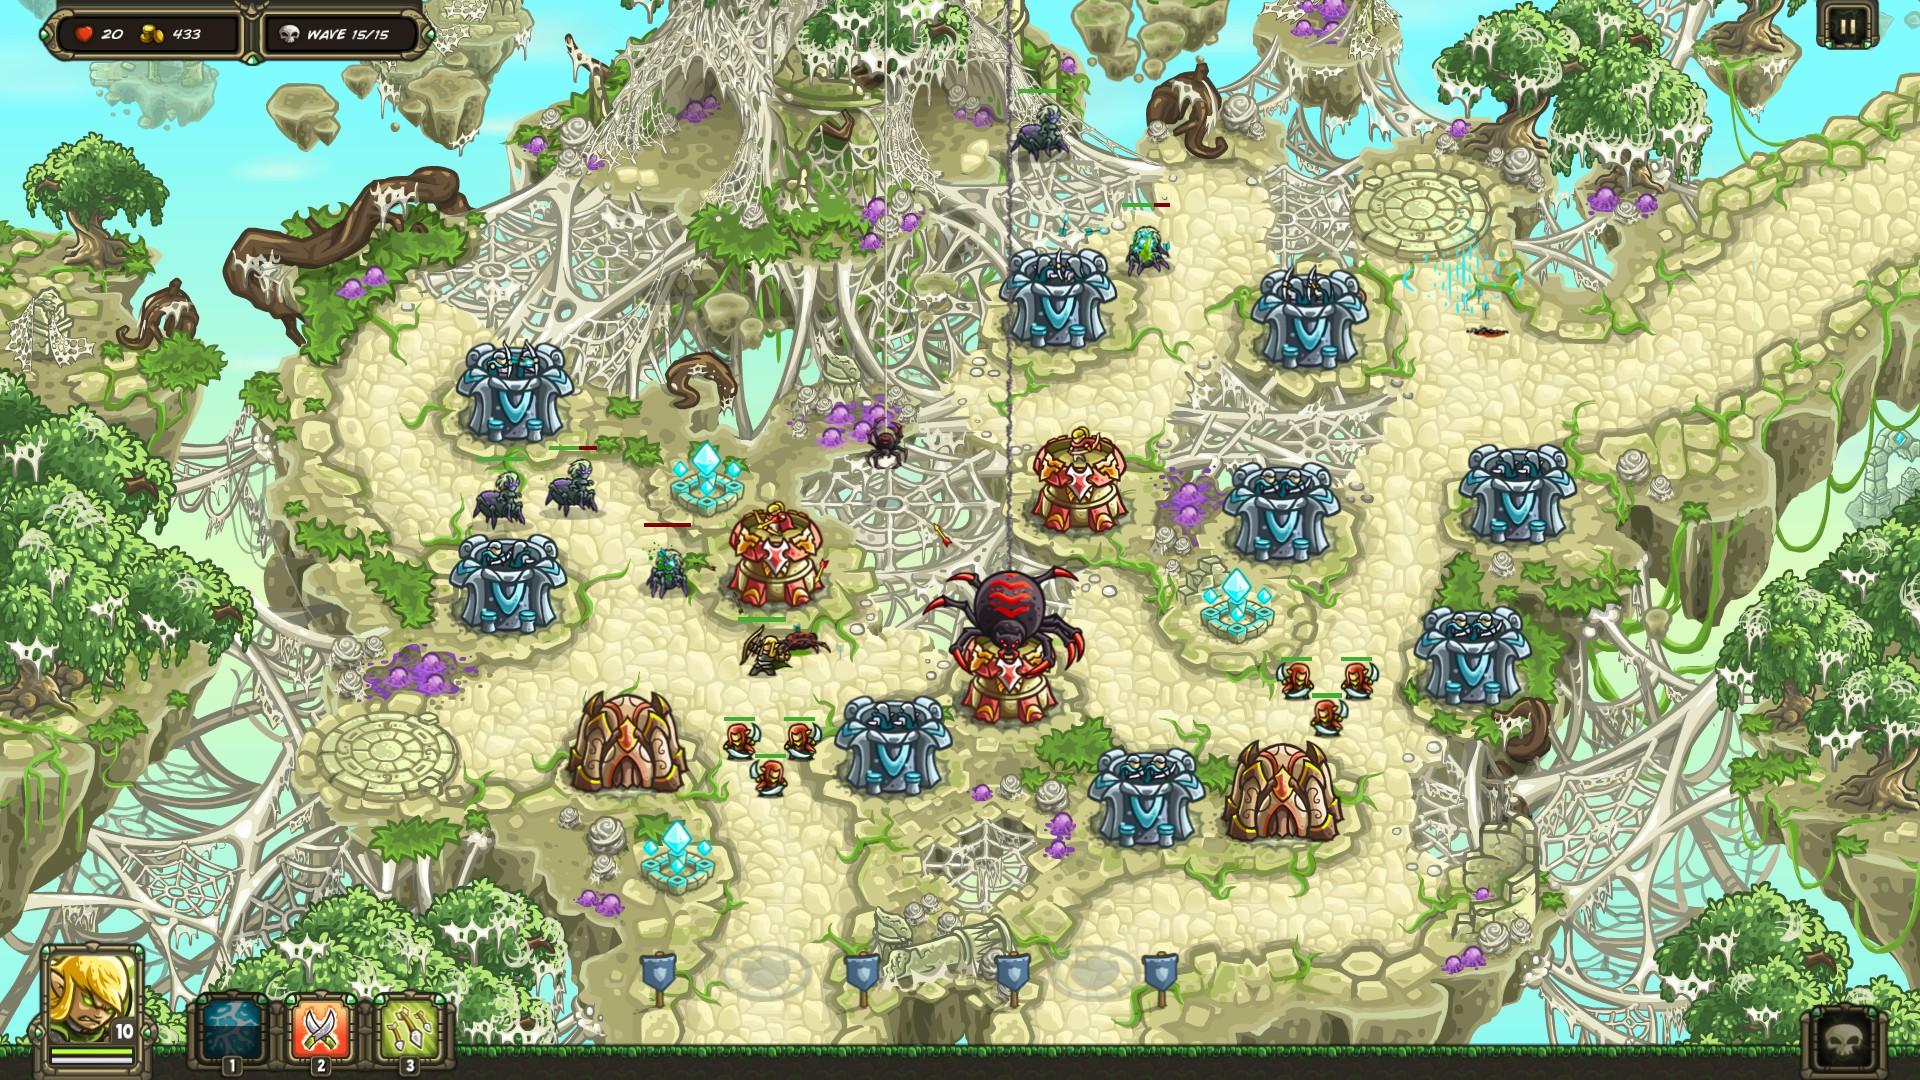 bo2 origins, marvel vs. capcom origins, flight origins, deadpool origins, dayz origins, on kingdom rush origins map